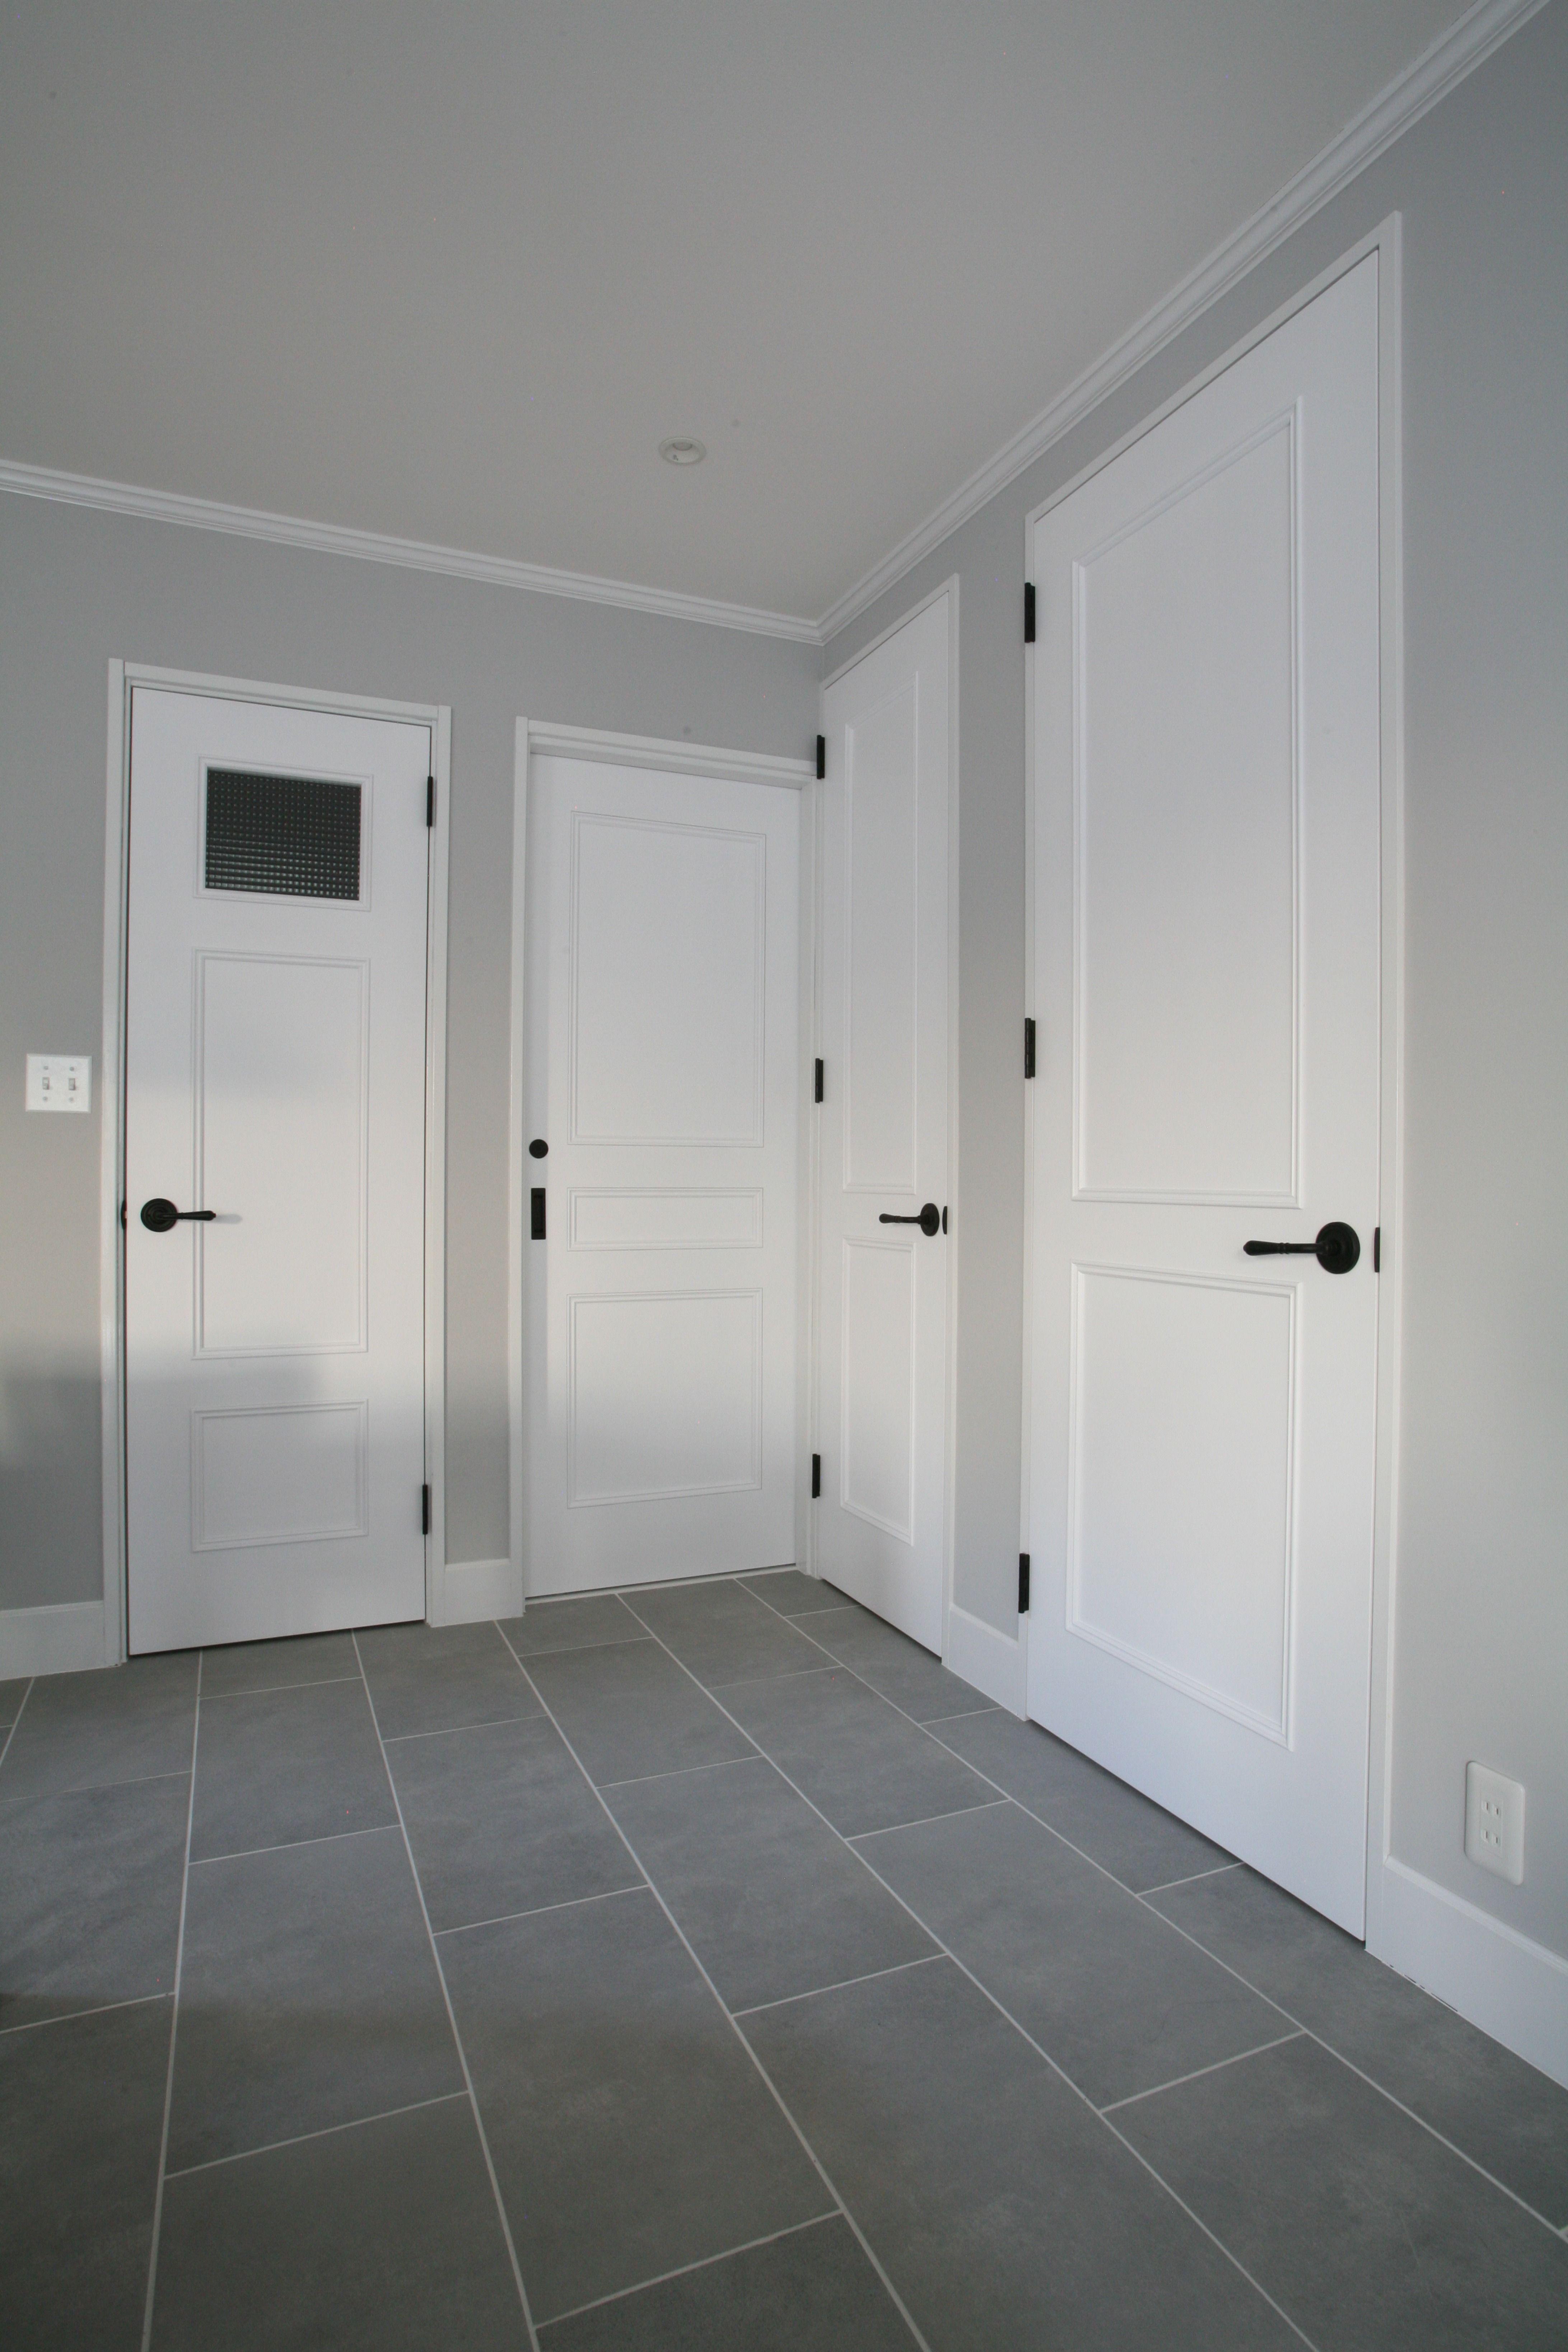 File インテリア ドア 造作 ホワイト リビング ドア 白 新しい家